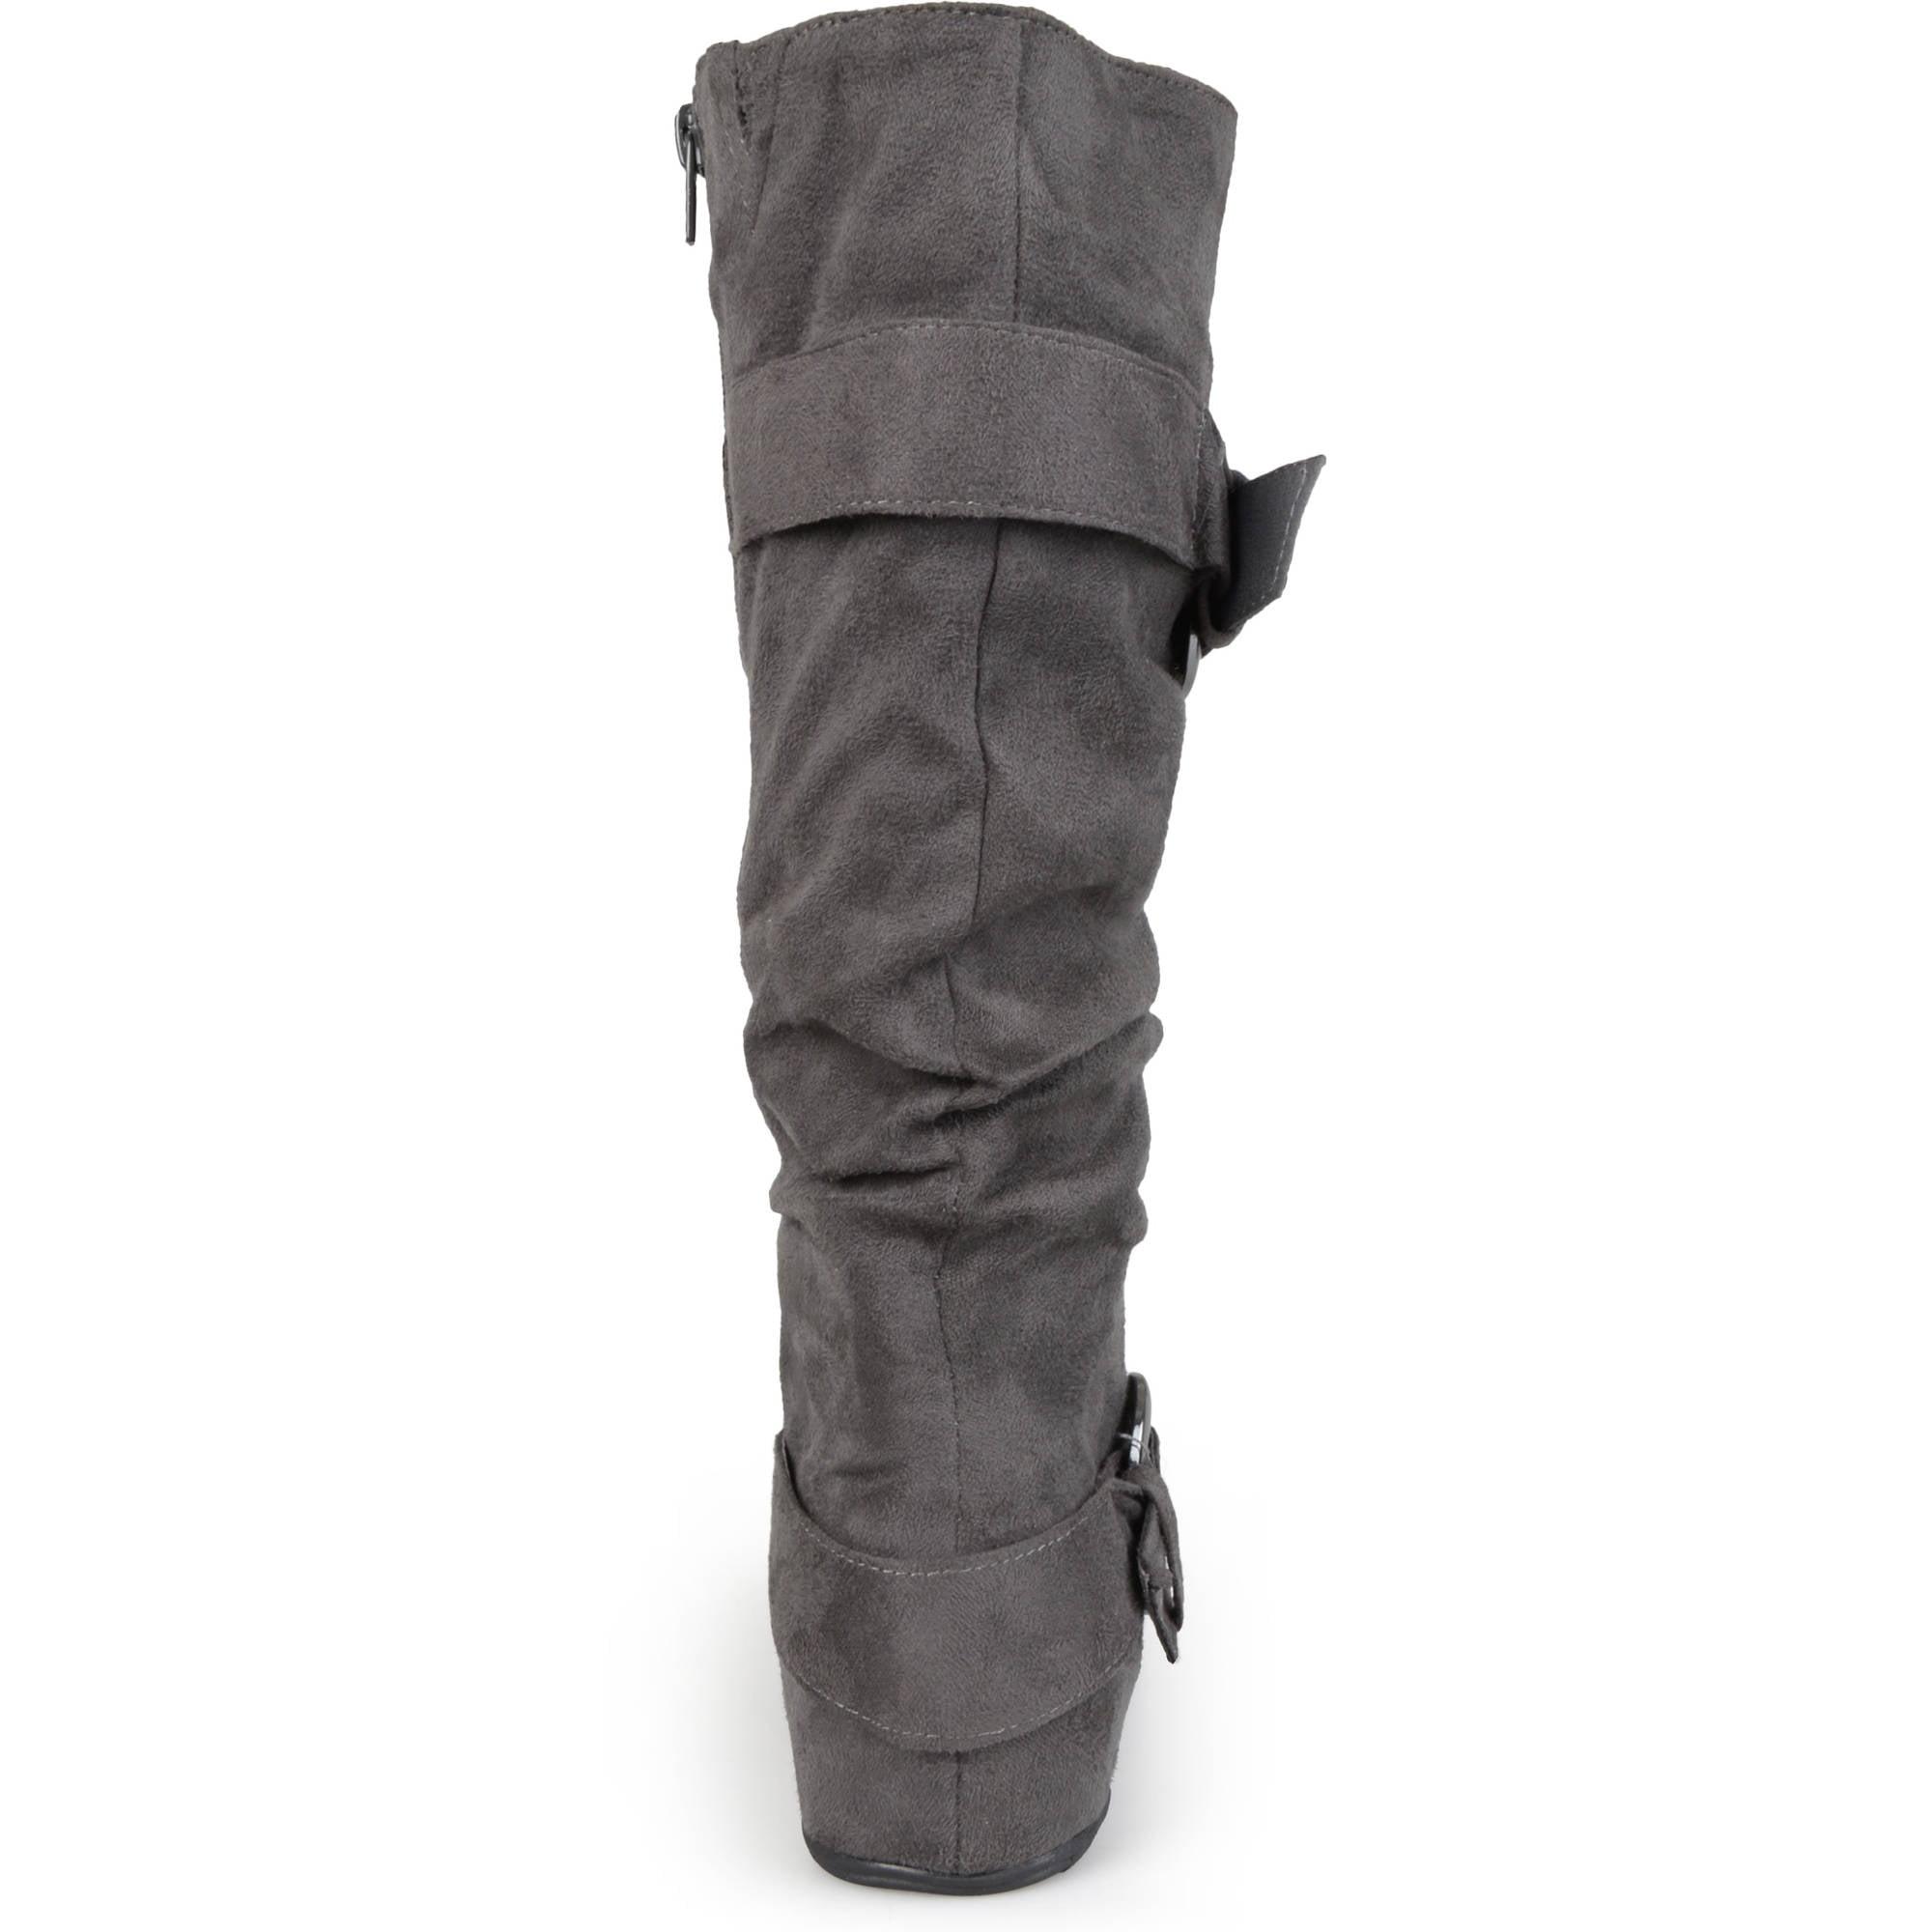 Brinley Co. Women's Slouchy Wide Calf Boots - Walmart.com